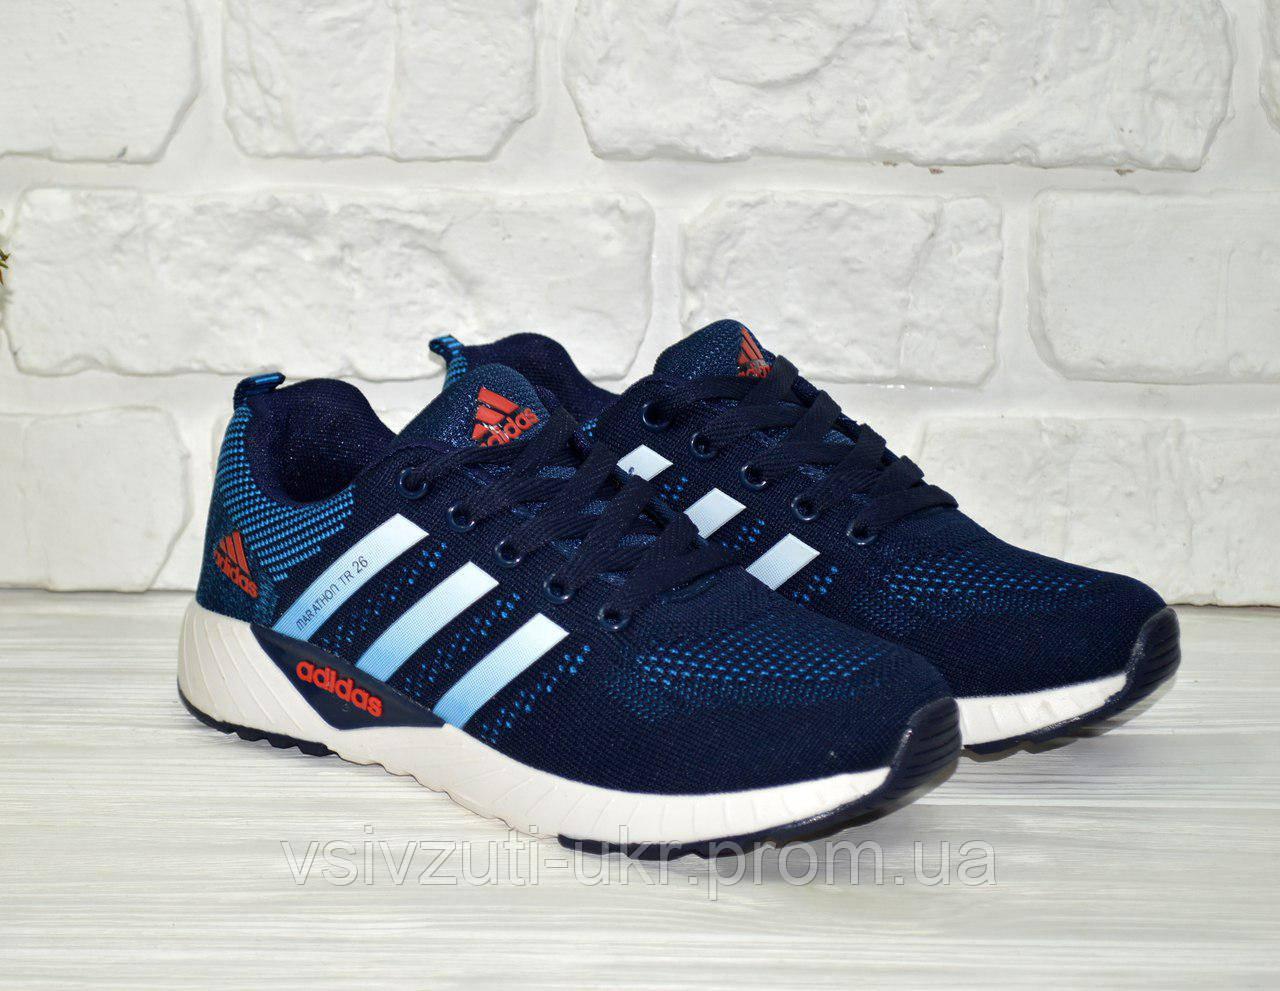 4af7c1720e7f Женские летние кроссовки Adidas 36,37,38,39,40 размер  продажа, цена ...